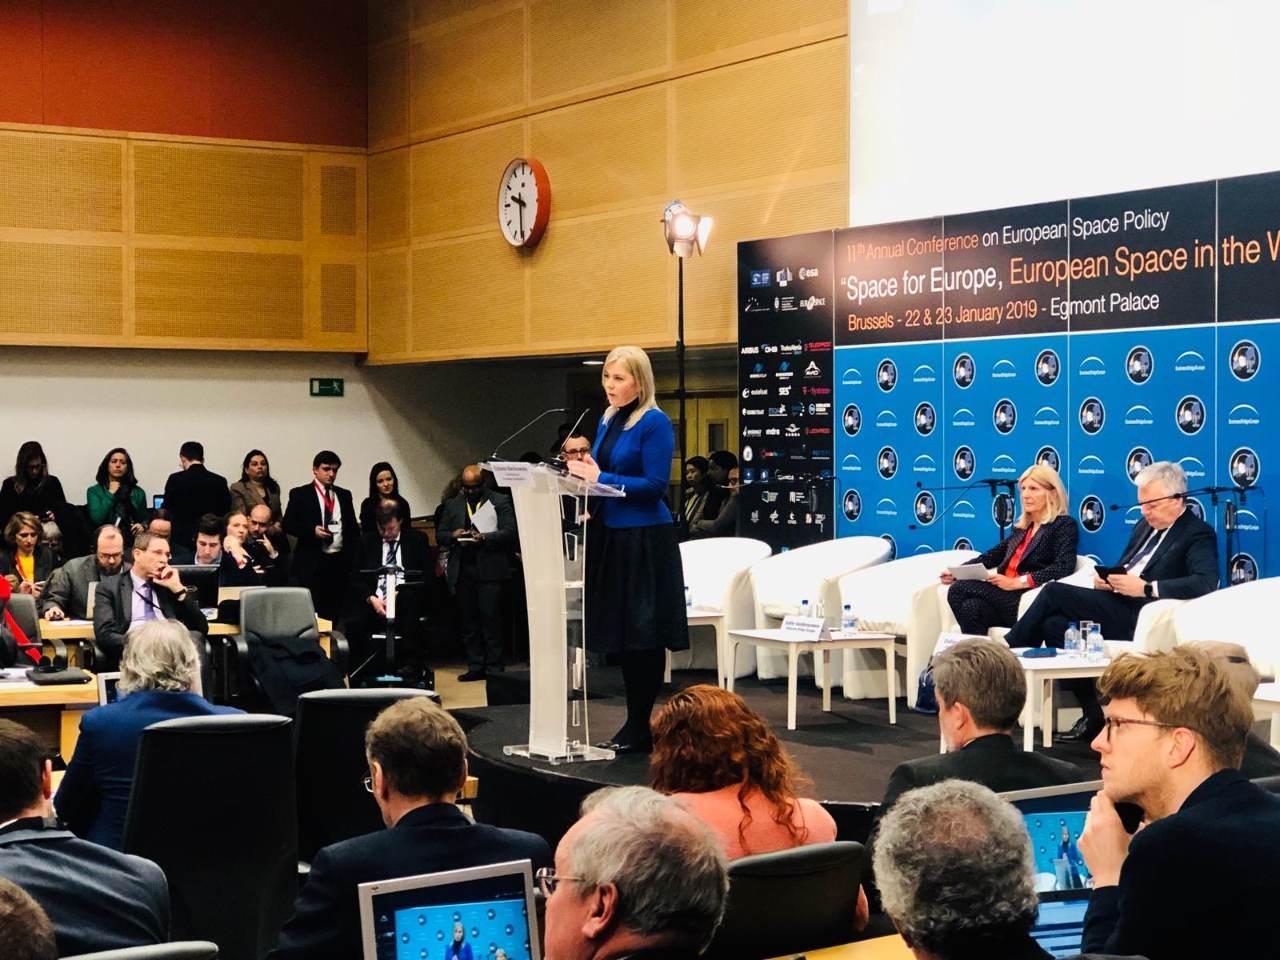 La commissaire Bienkowska réclame une vision pour l'Europe spatiale